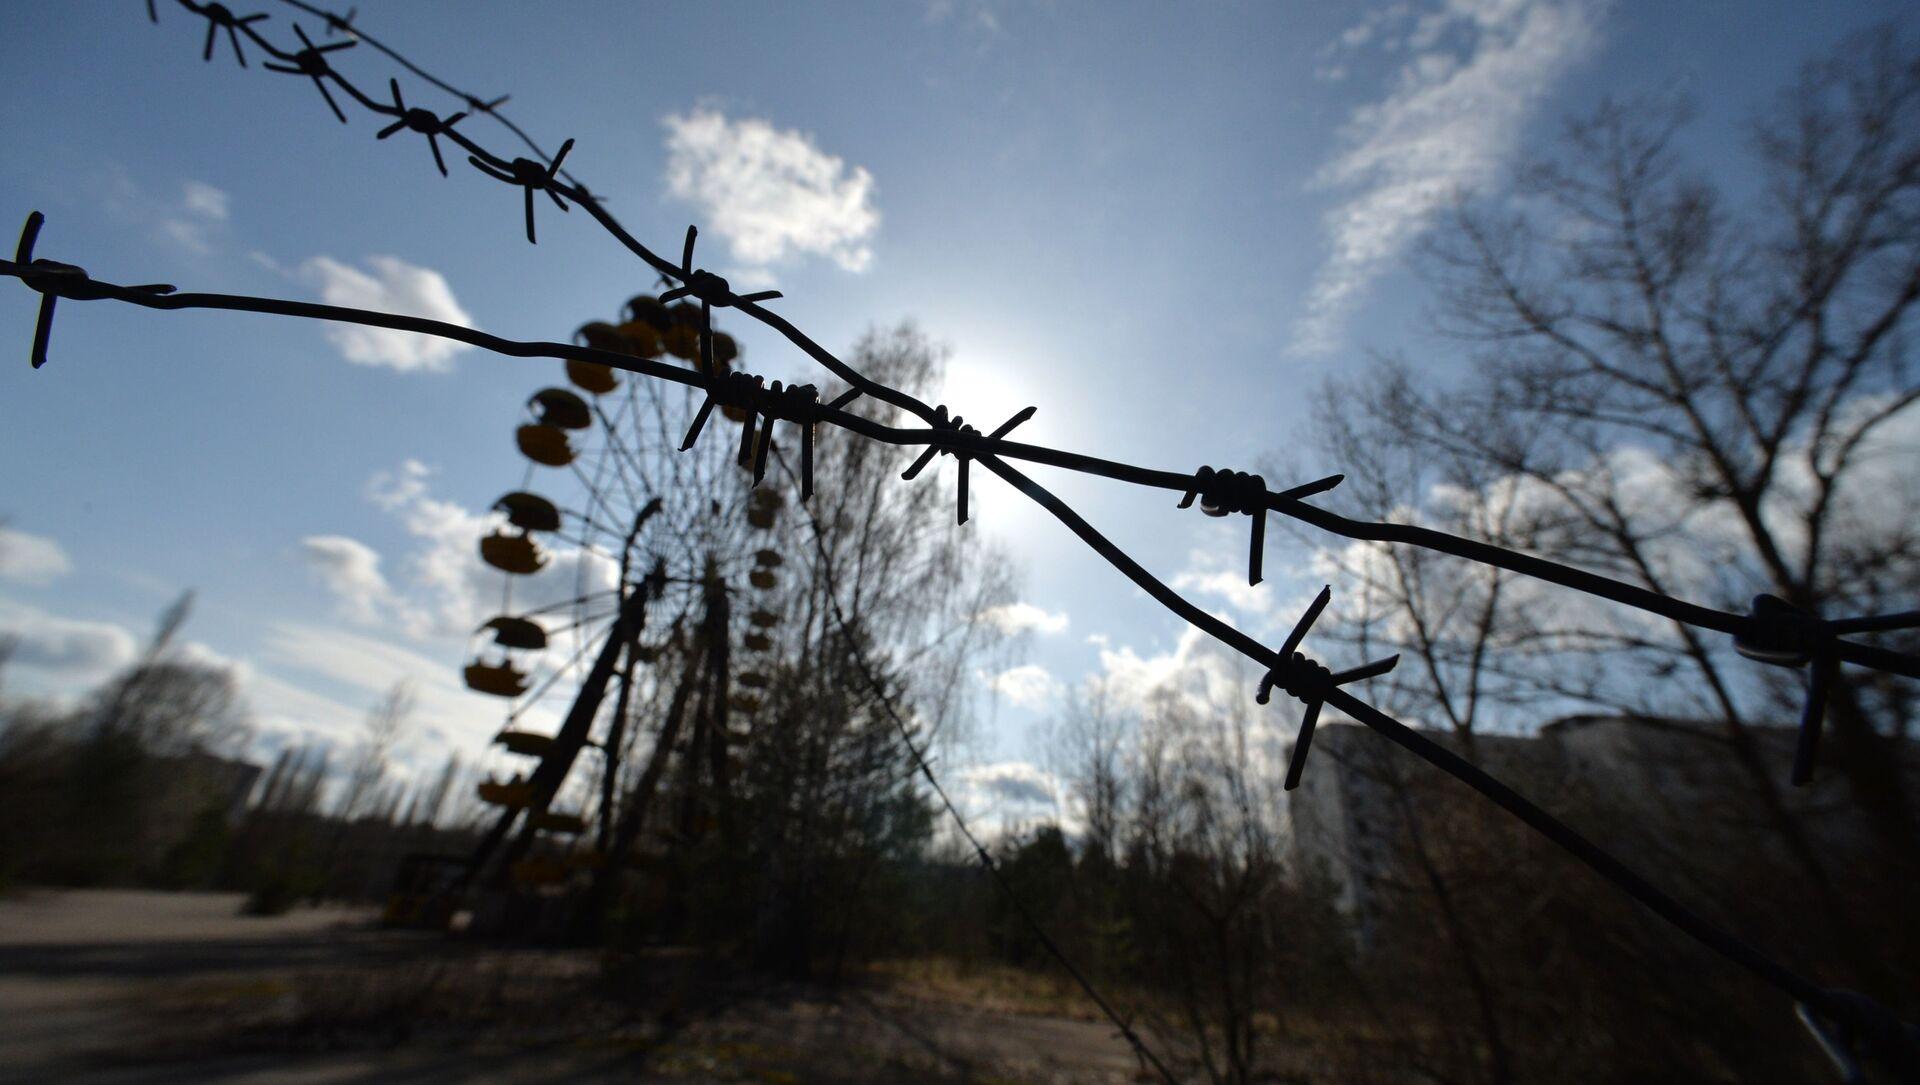 Prípiat cumple 50 años: la ciudad fantasma que sufrió Chernóbil - Sputnik Mundo, 1920, 04.02.2020